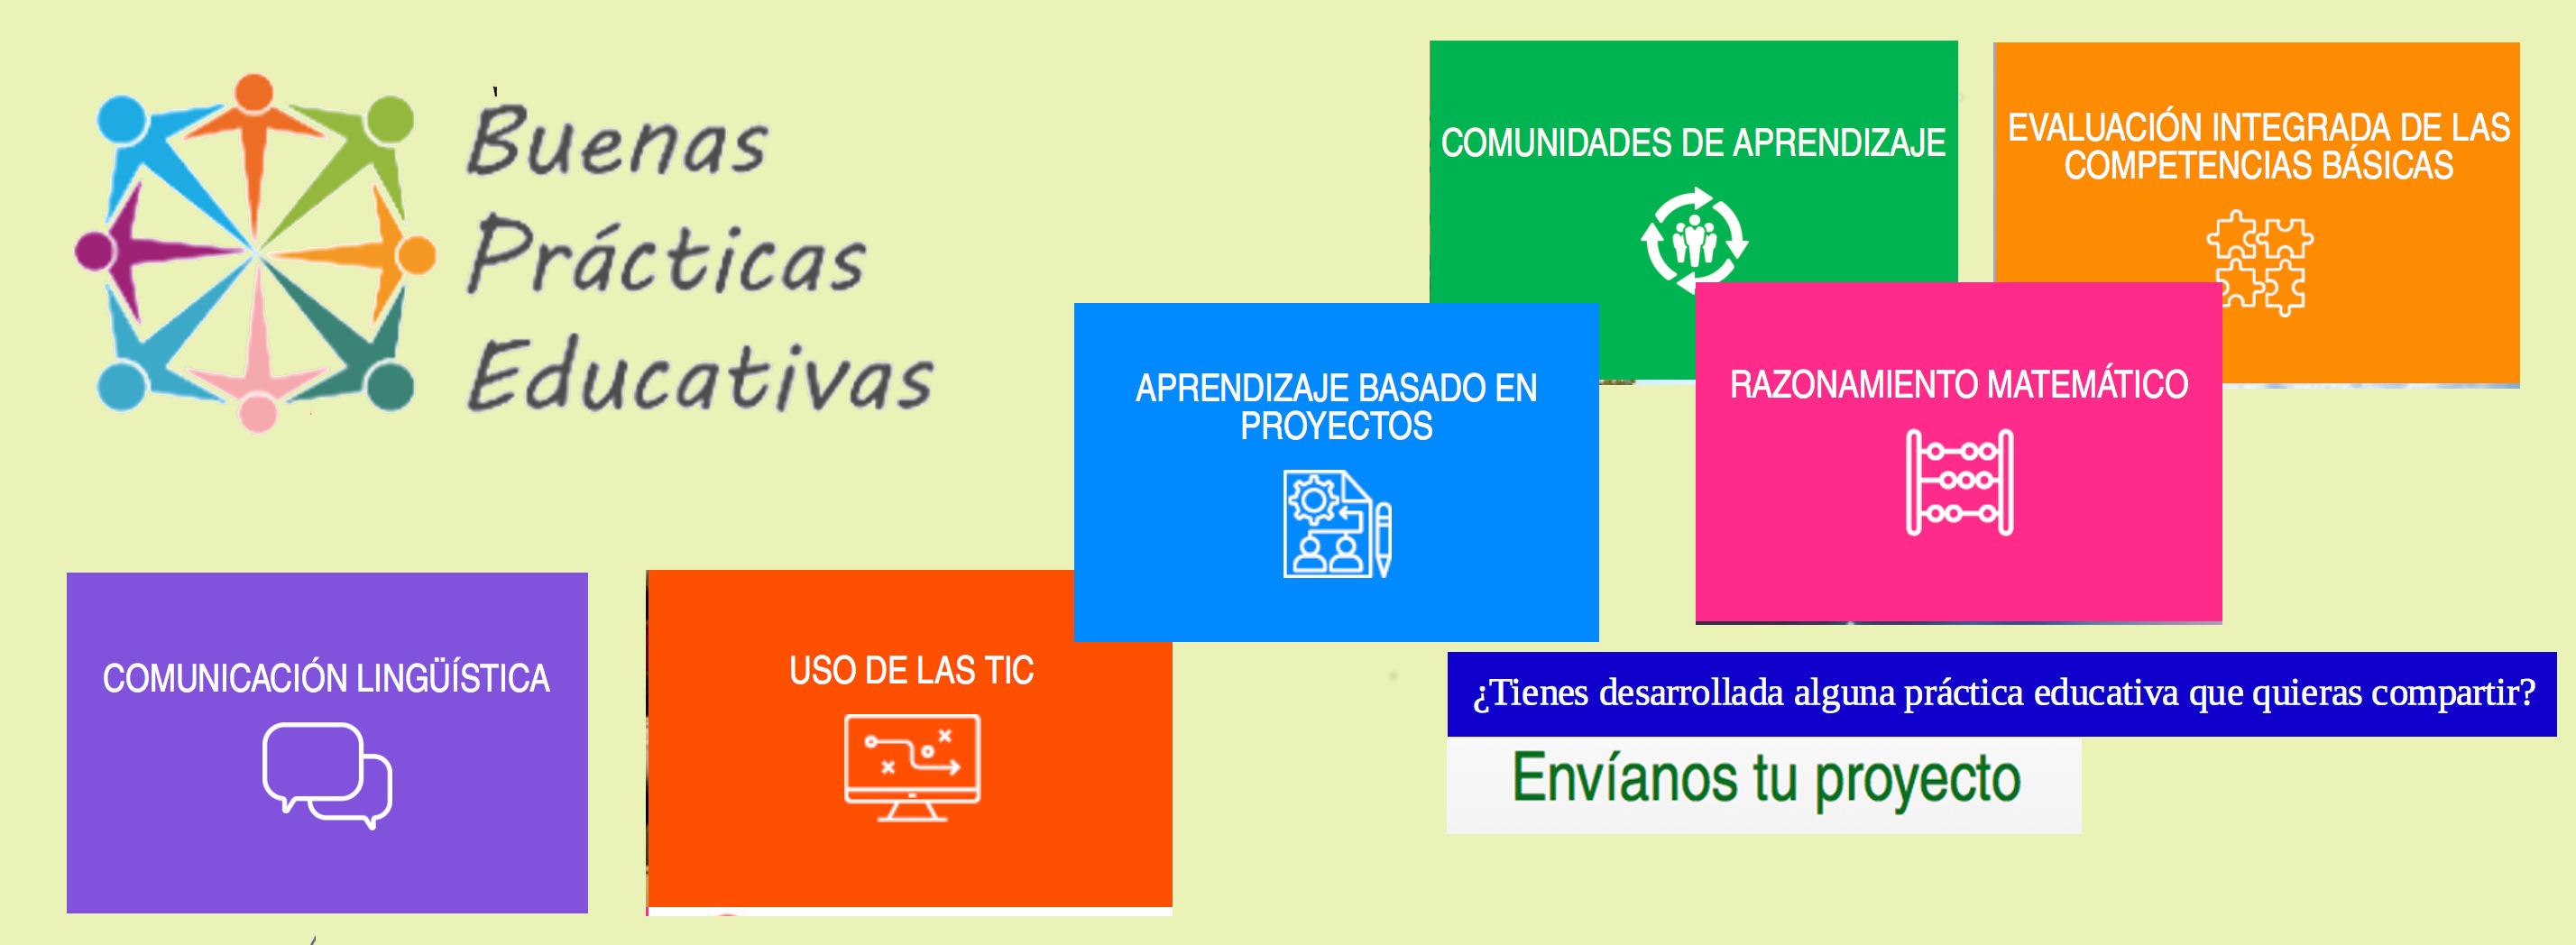 Buenas Prácticas Educativas CEP de Jerez